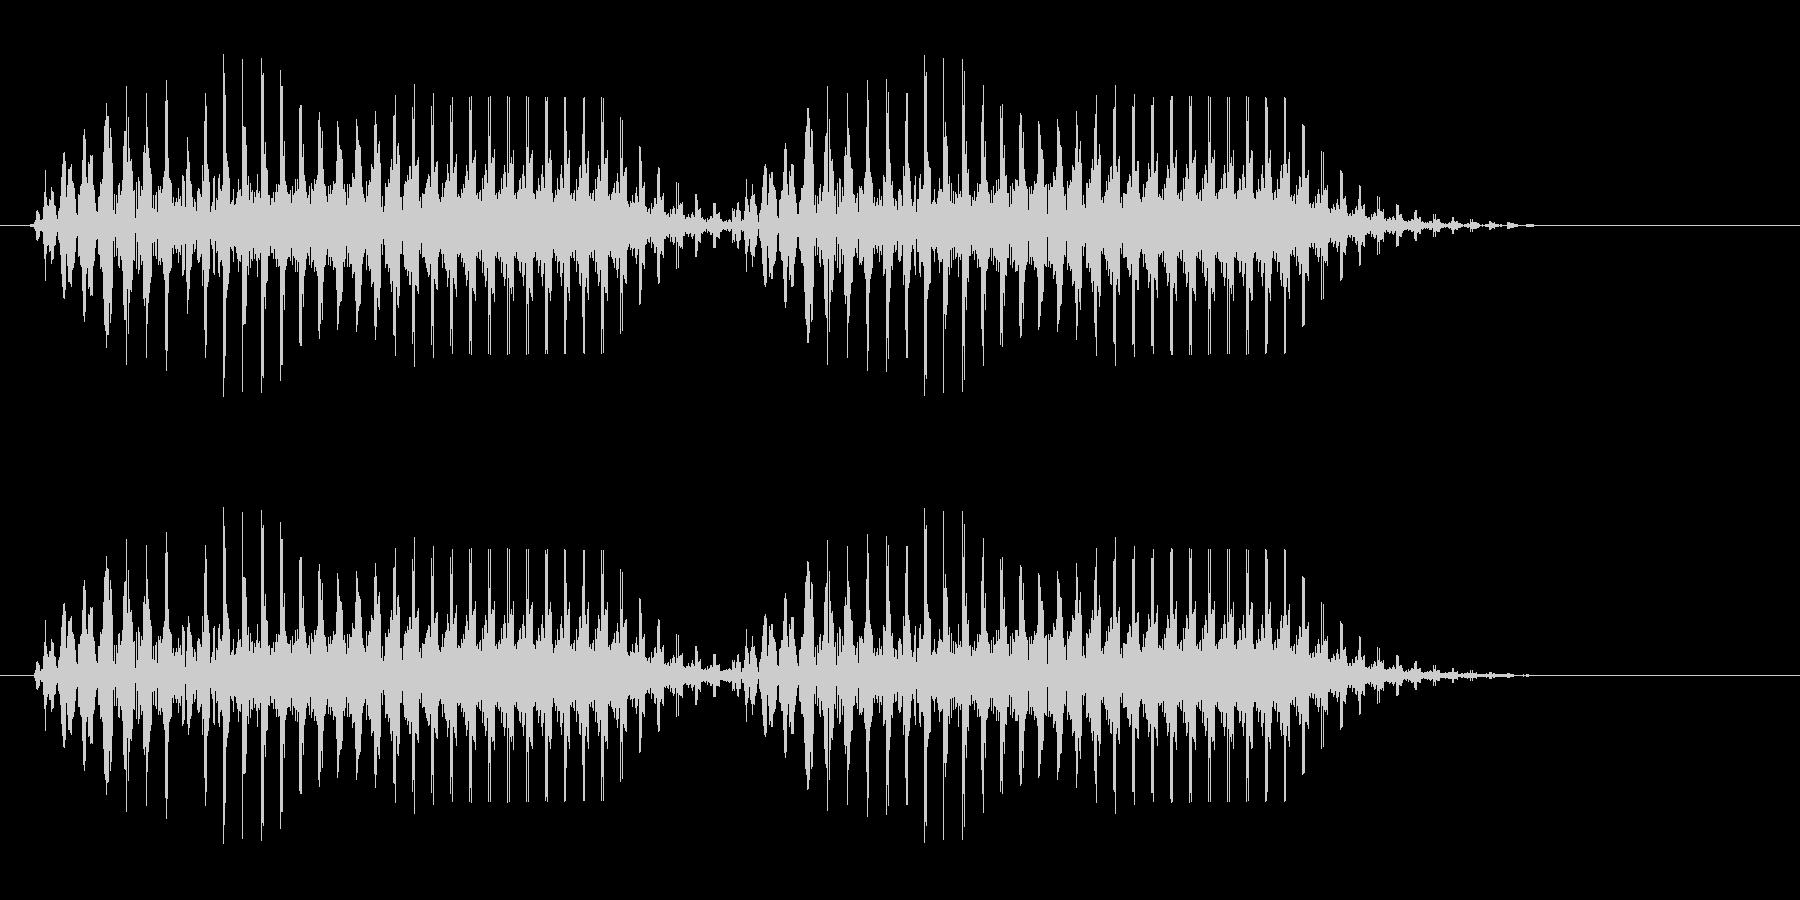 ブゥブゥ(年代物クラクションによる合図)の未再生の波形